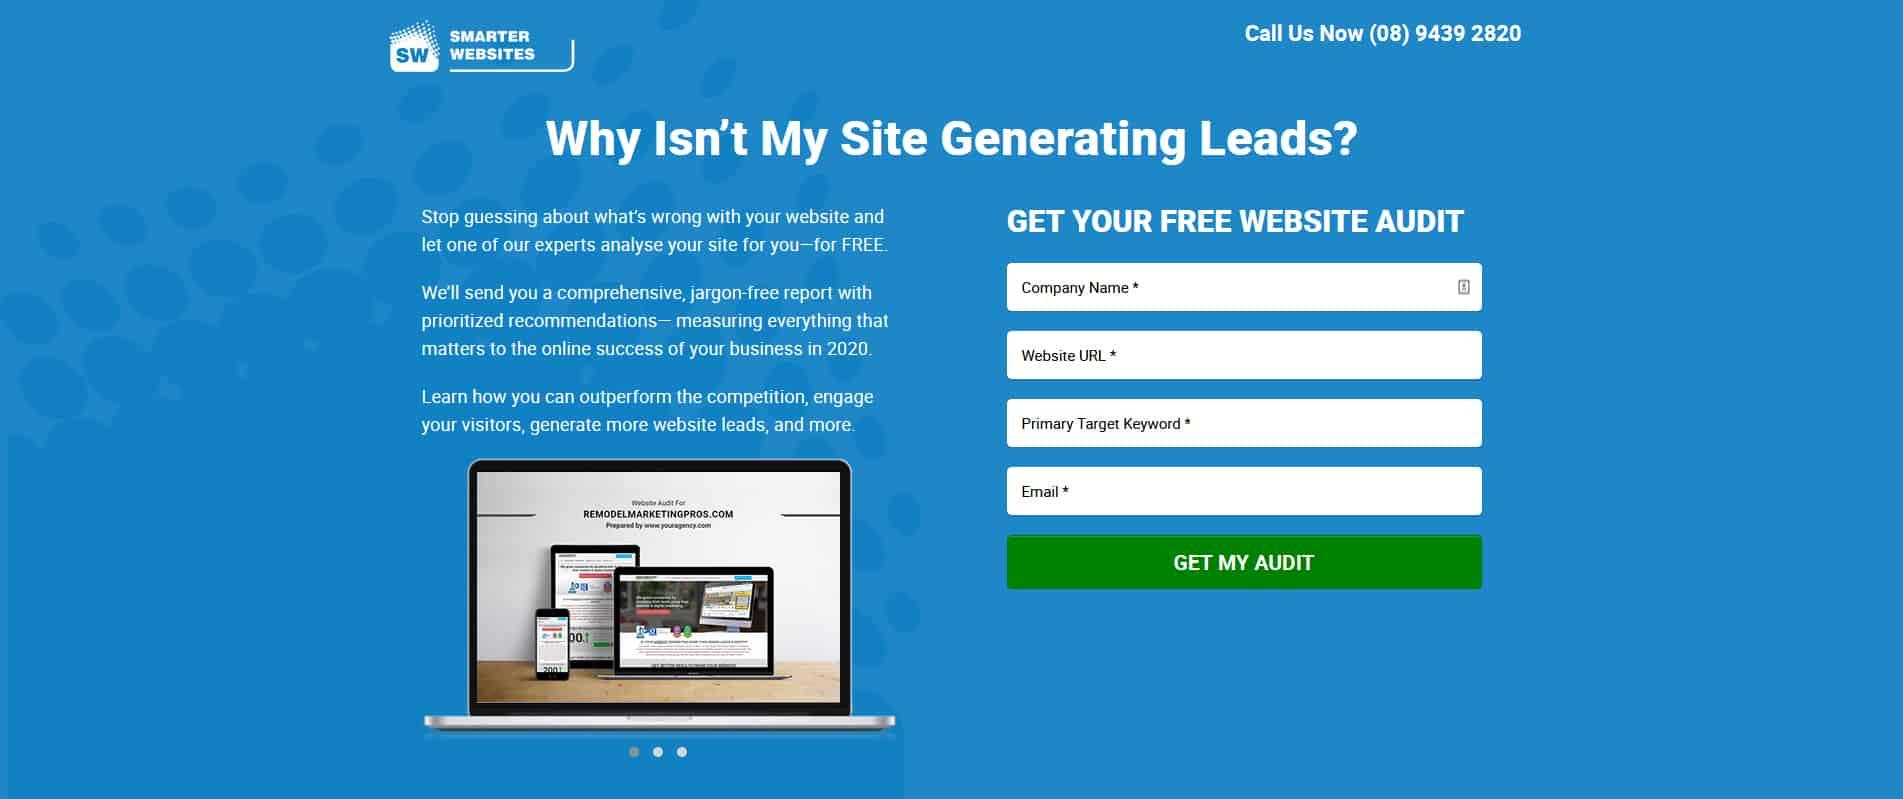 smarterwebsites